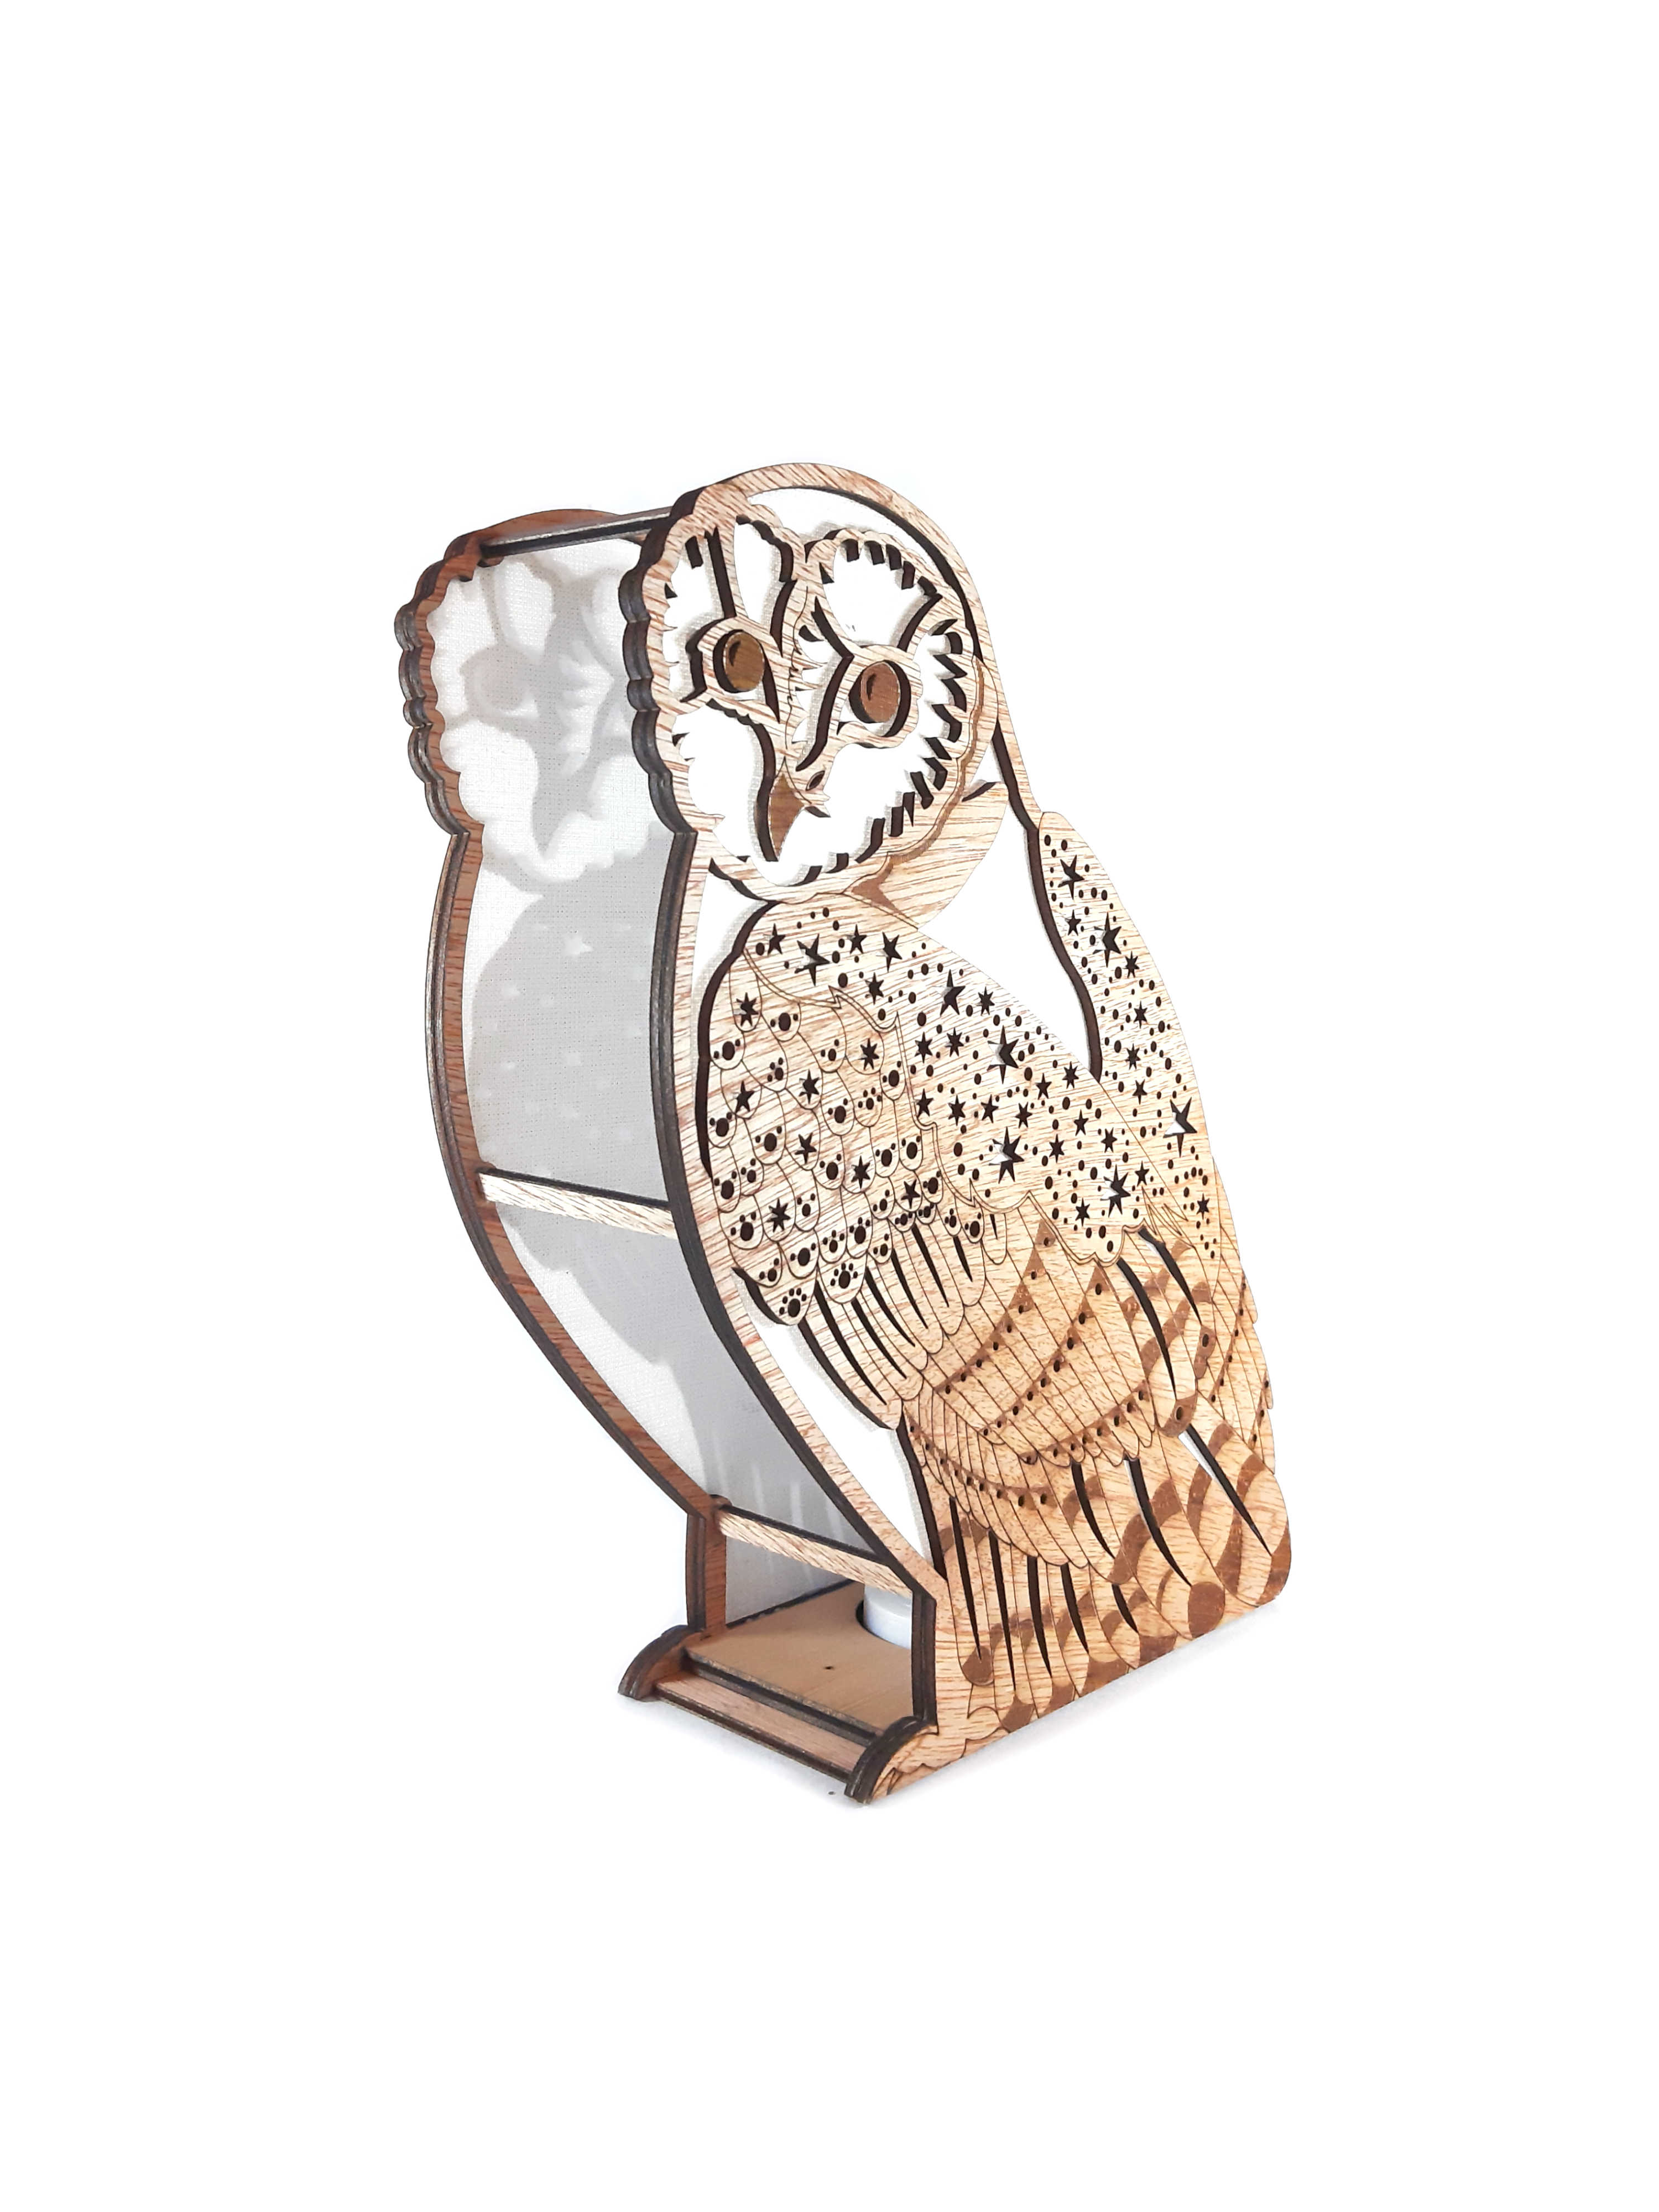 Starry Barn Owl, Lamp